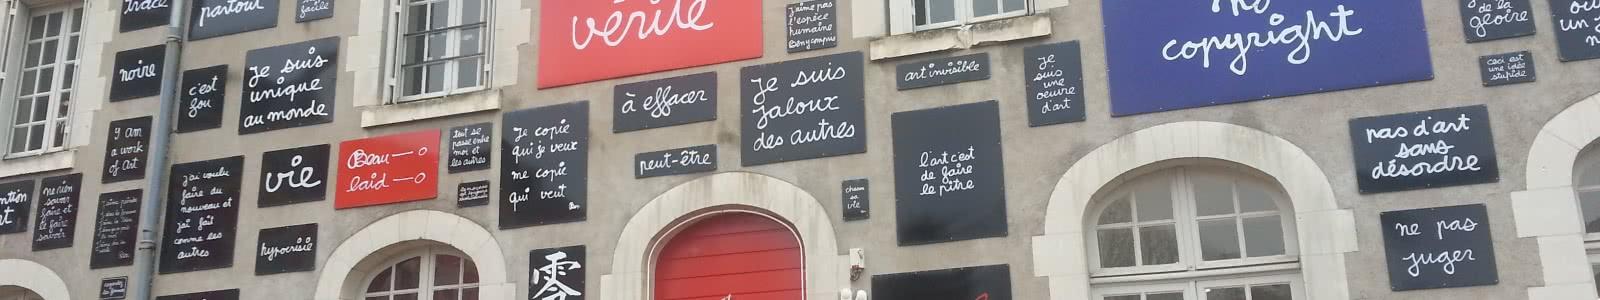 La Fondation du Doute, musée insolite à Blois ©ADT41-L-Rothon